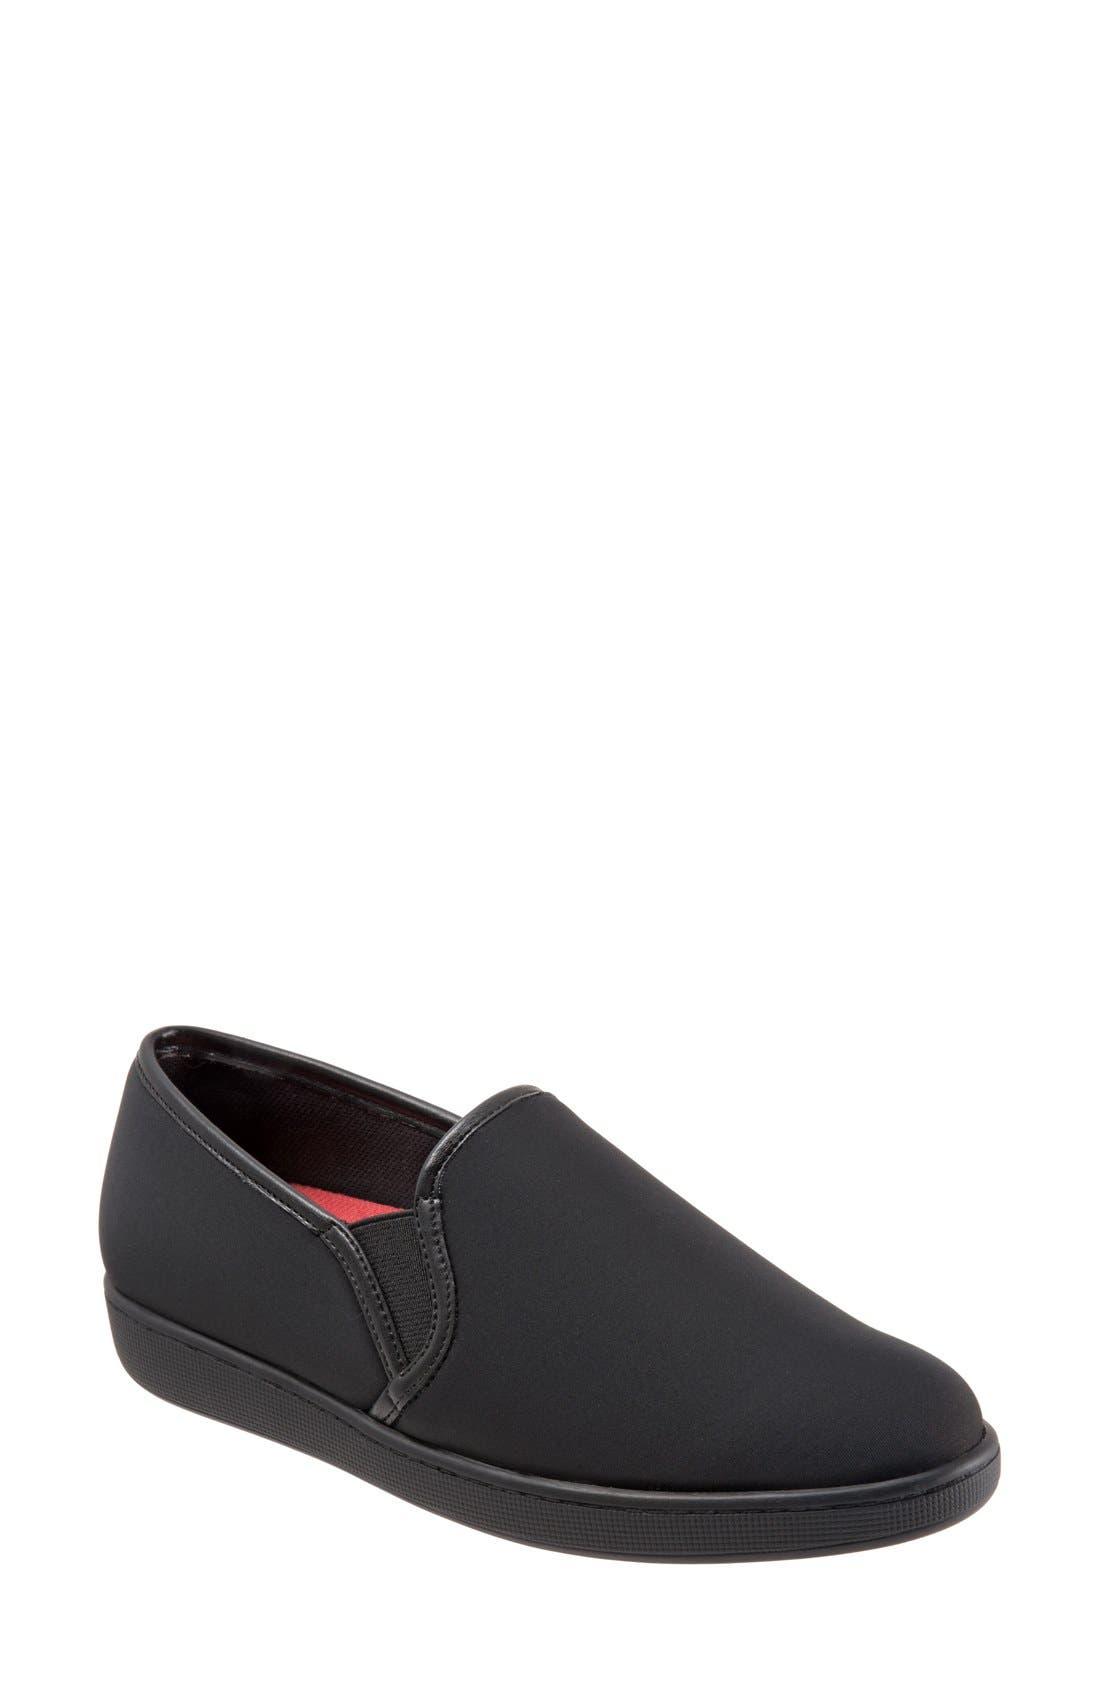 Trotters 'Americana' Slip-On Sneaker (Women)